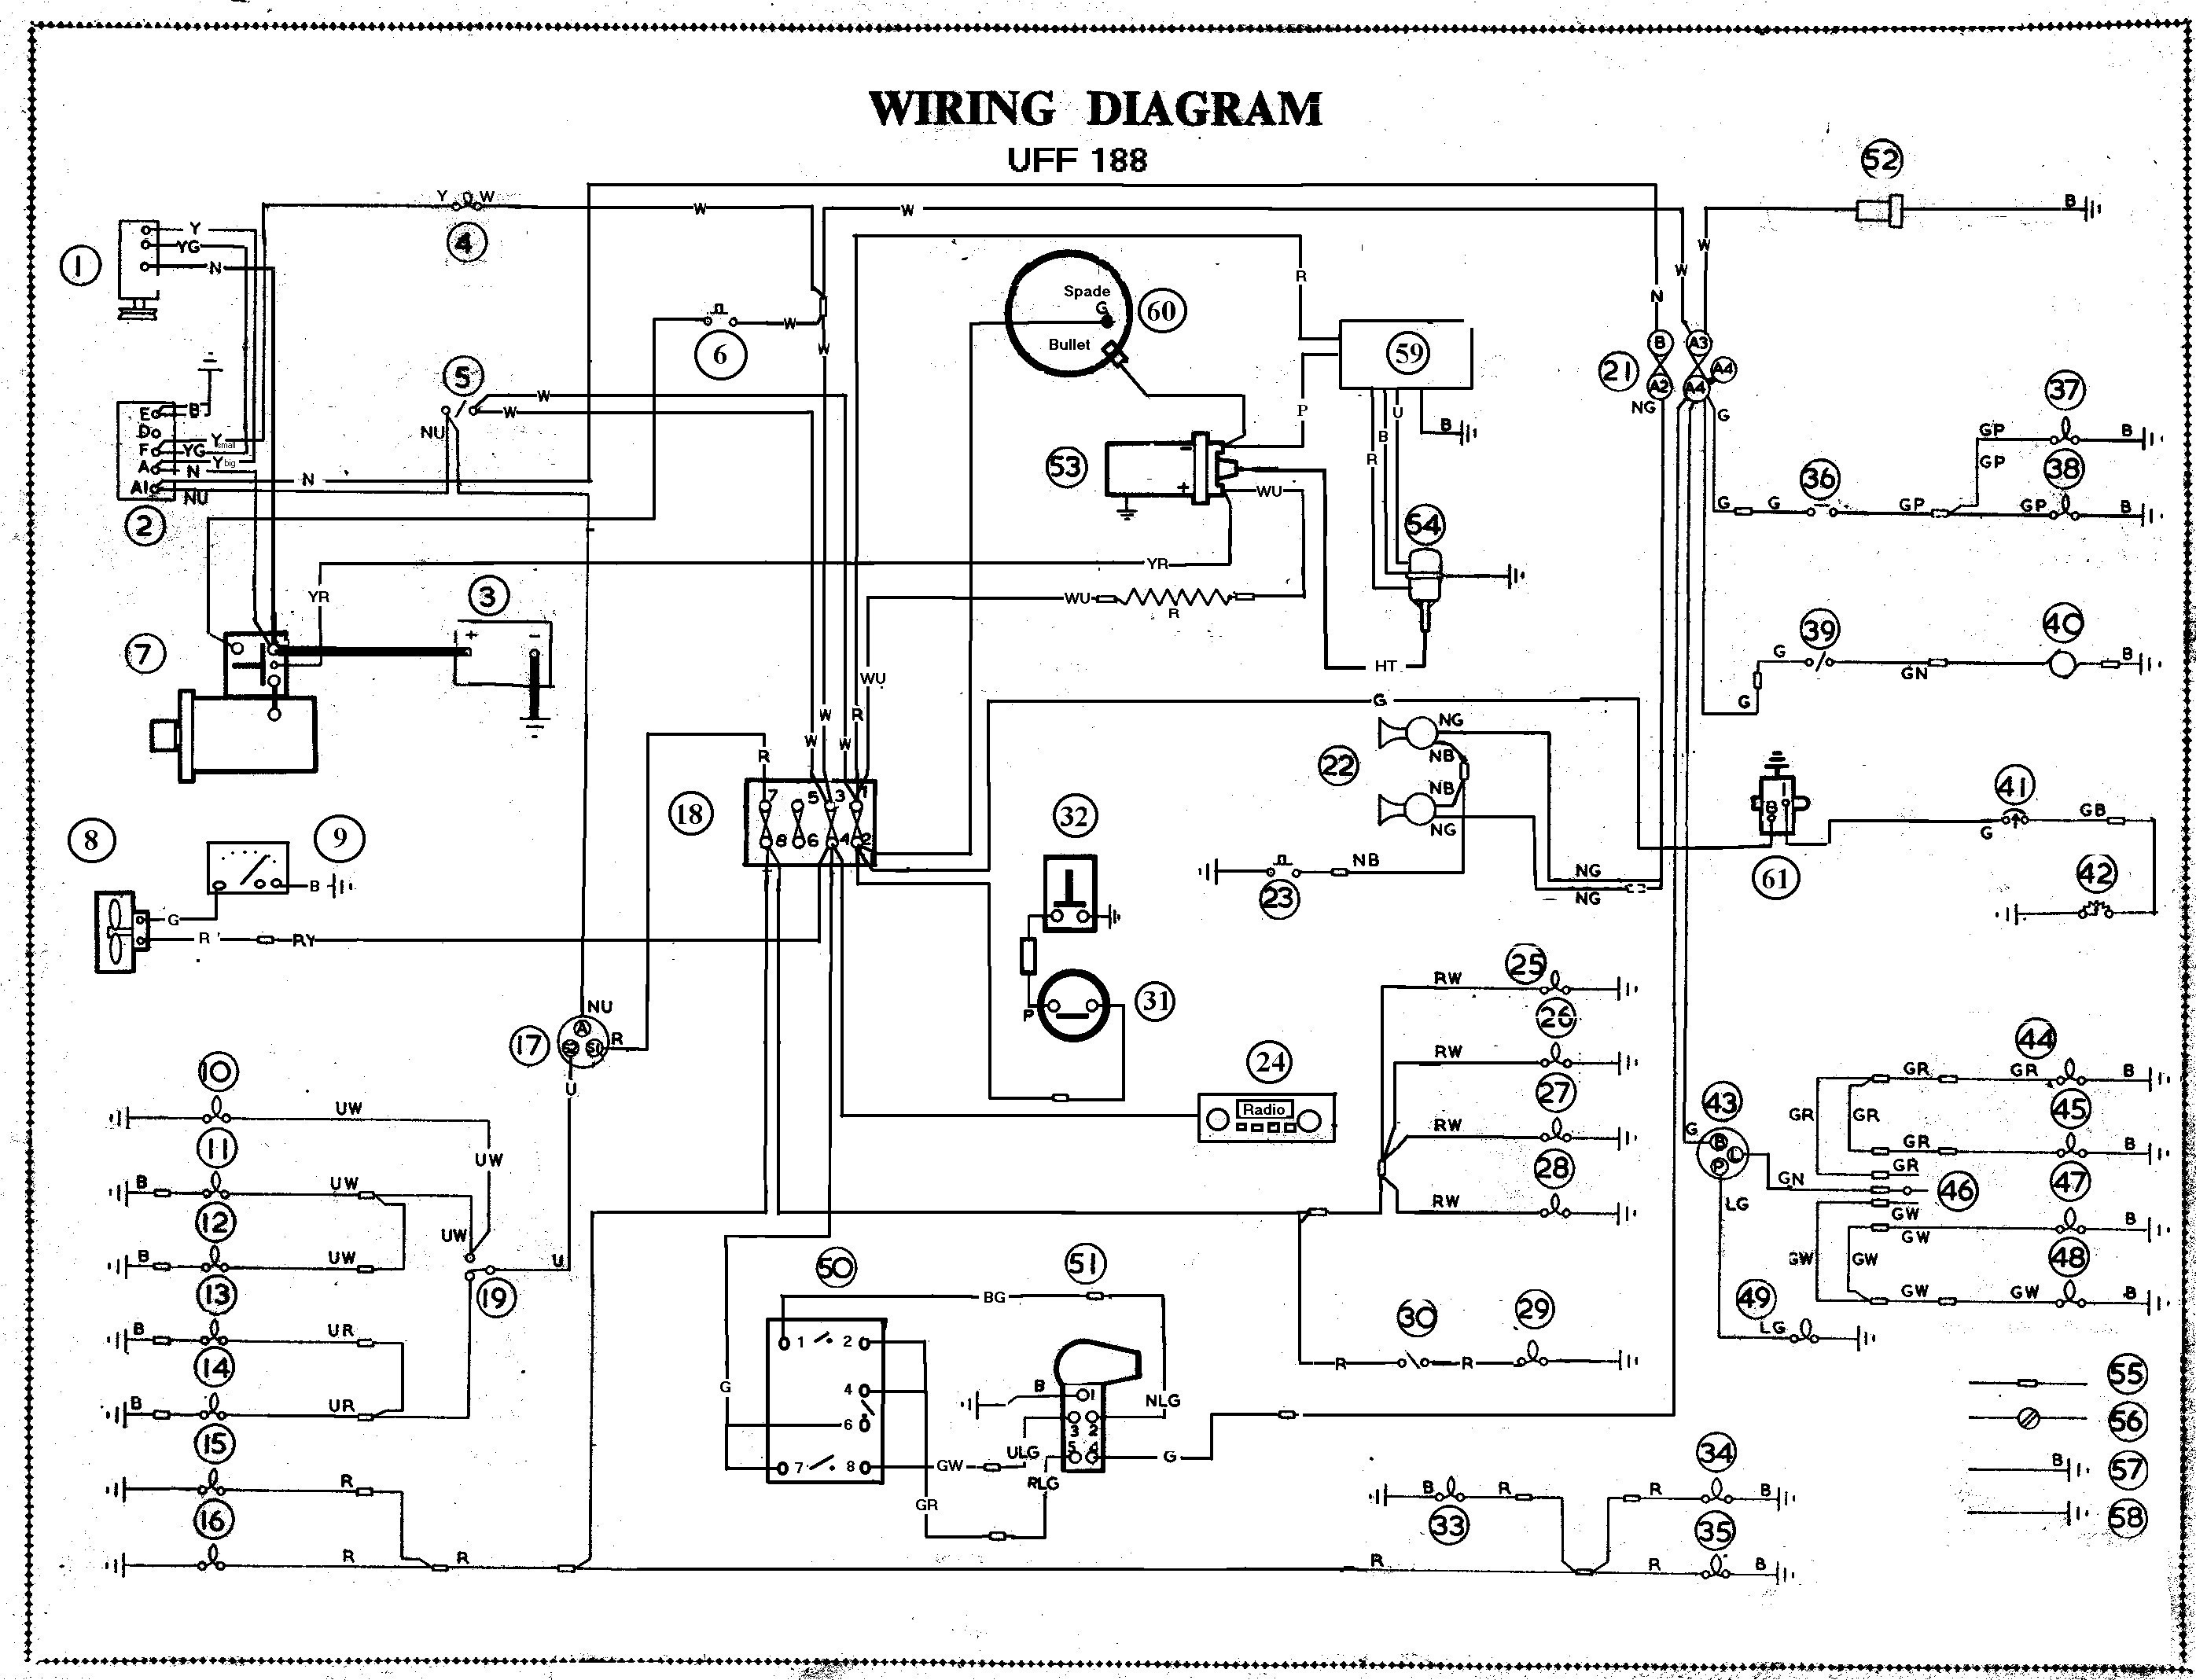 car parts diagram software